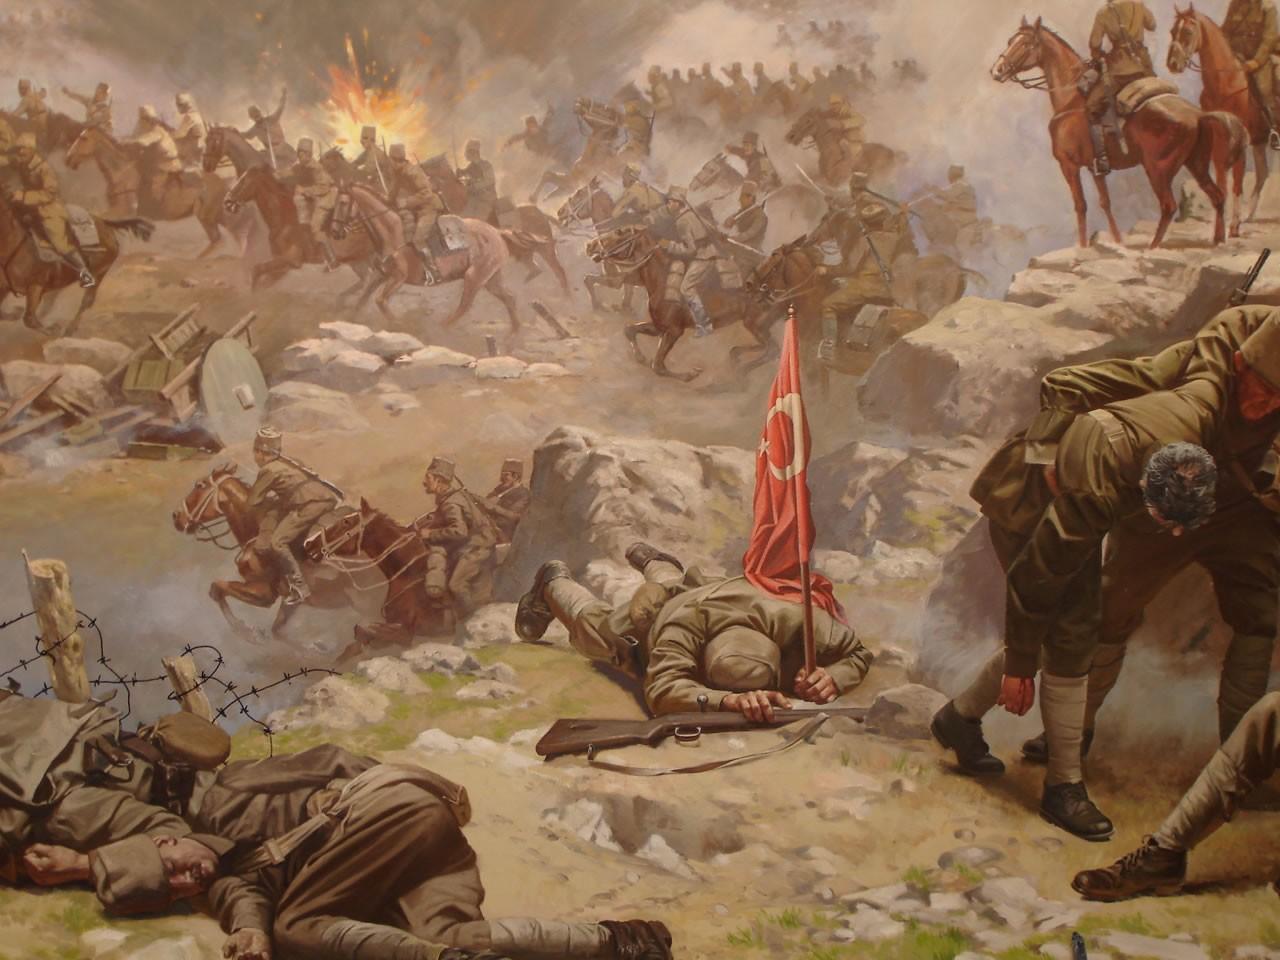 Masaüstü Boyama Savaş Resim Türk Askeri Mitoloji Ekran